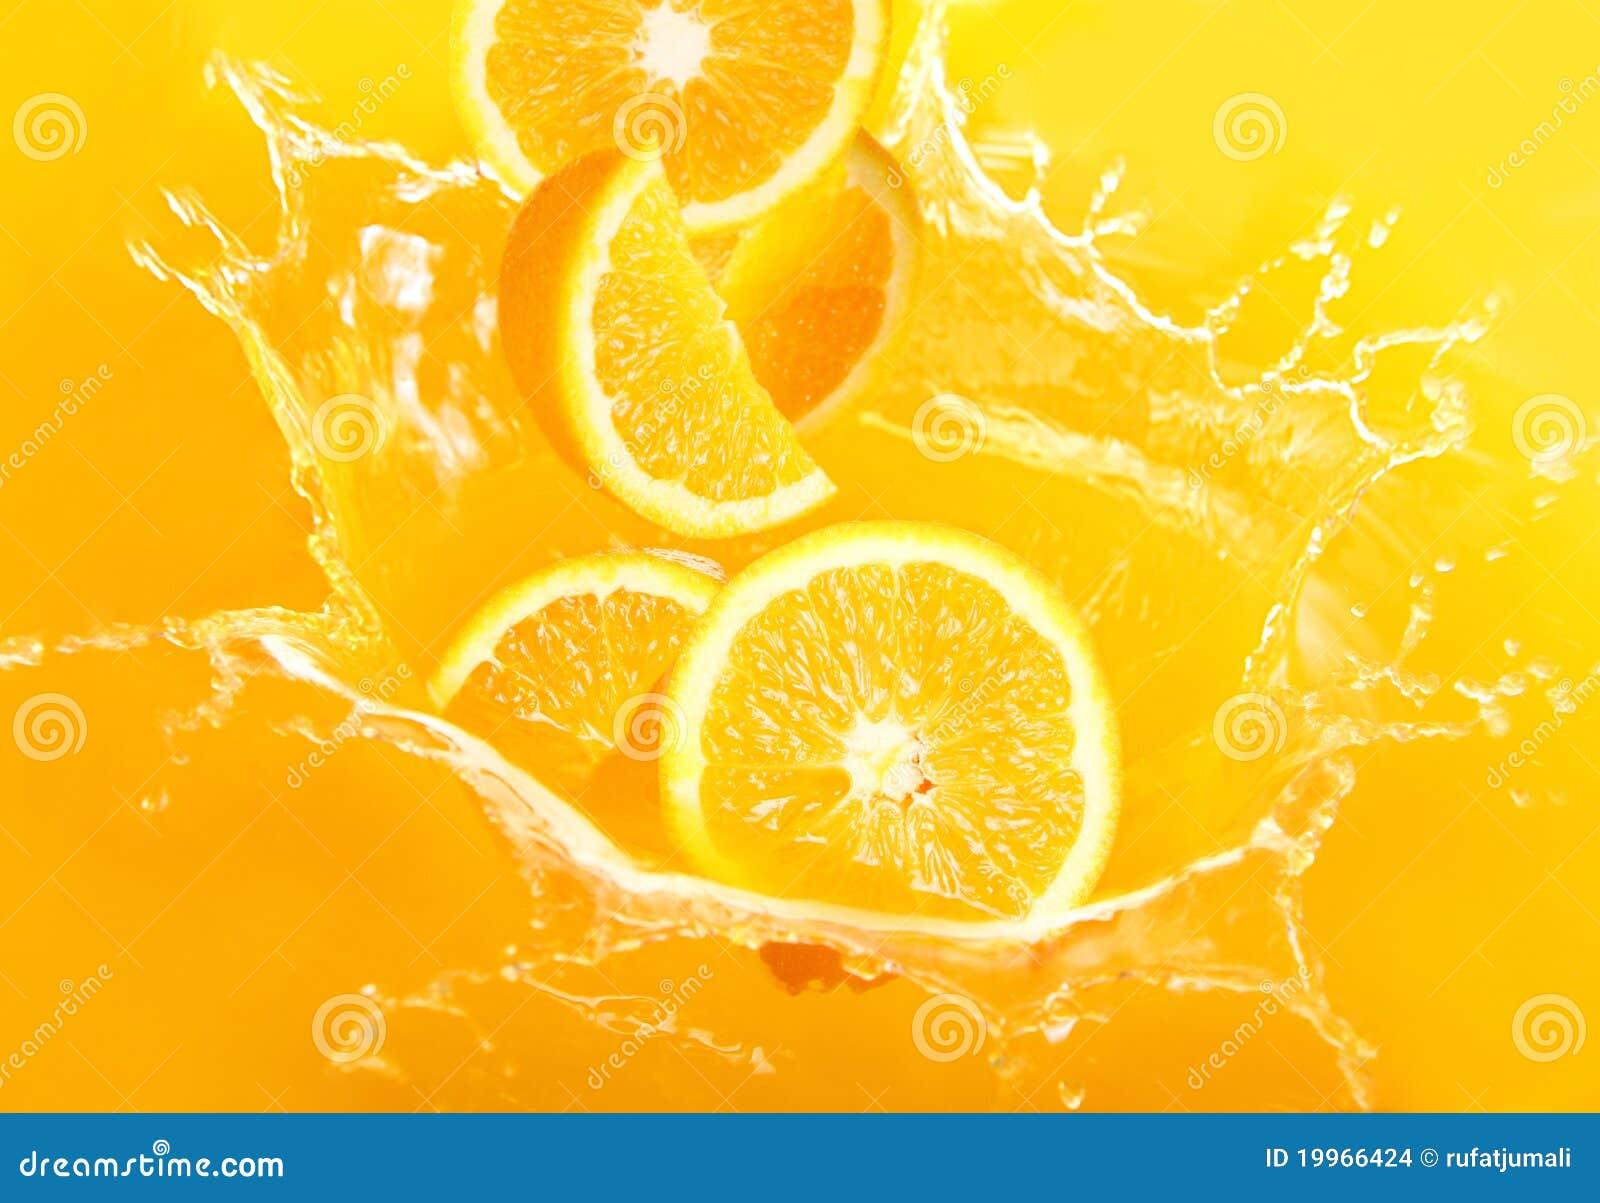 Frische Orangen, die in Saft fallen